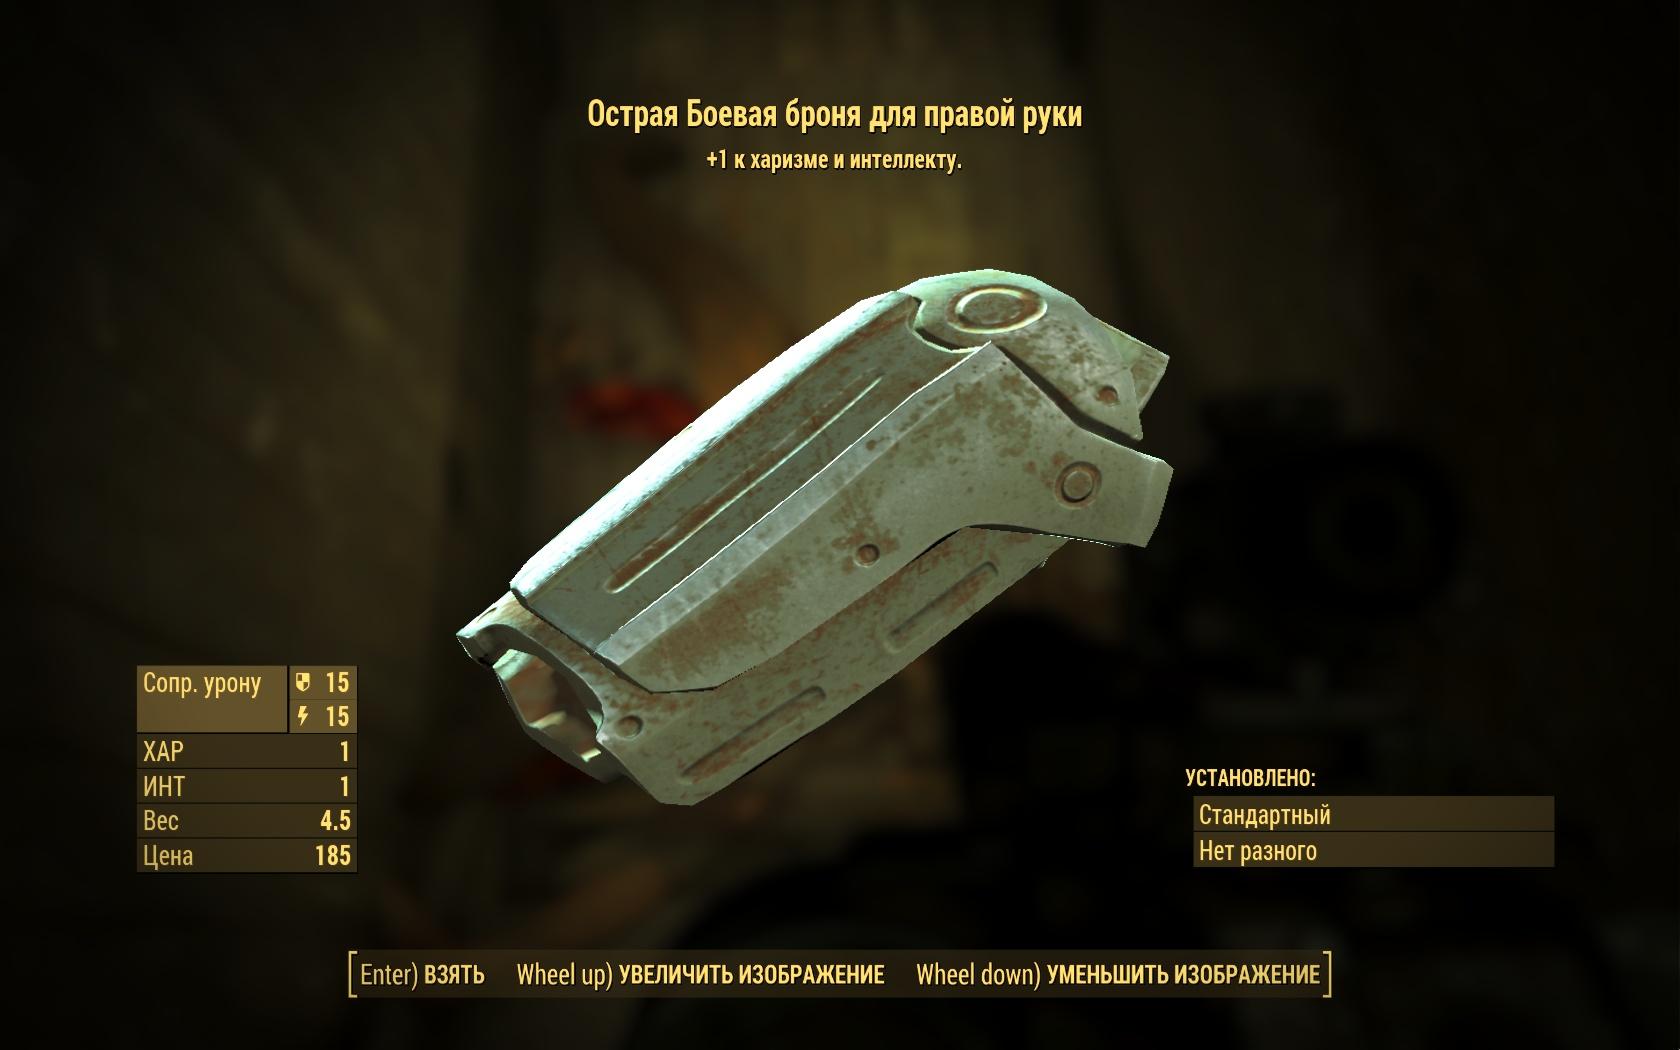 Острая боевая броня для правой руки - Fallout 4 броня, Одежда, Острая